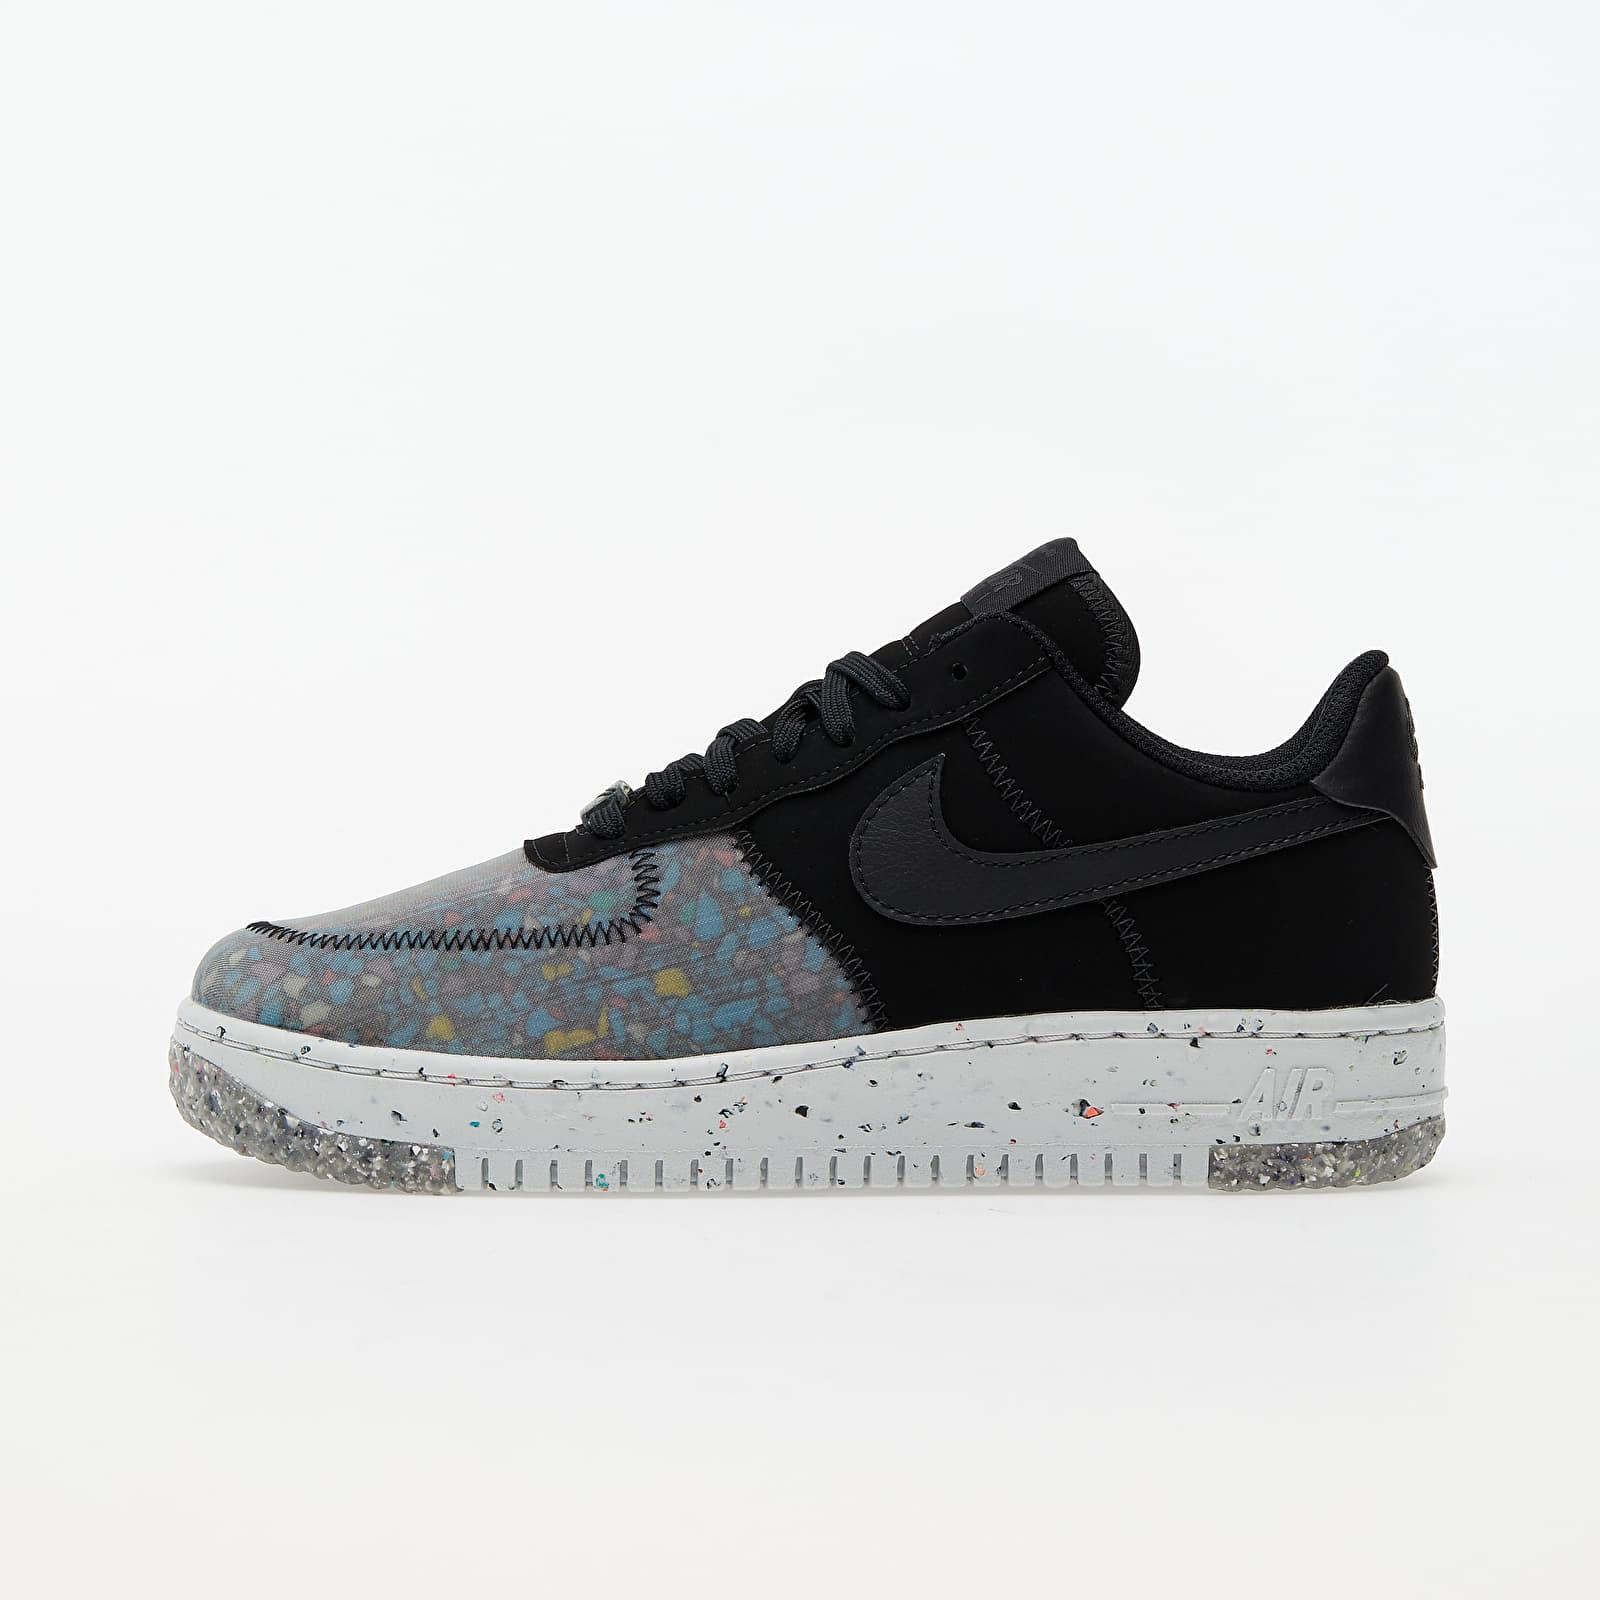 Încălțăminte și sneakerși pentru femei Nike W Air Force 1 Crater Black/ Black-Photon Dust-Dk Smoke Grey